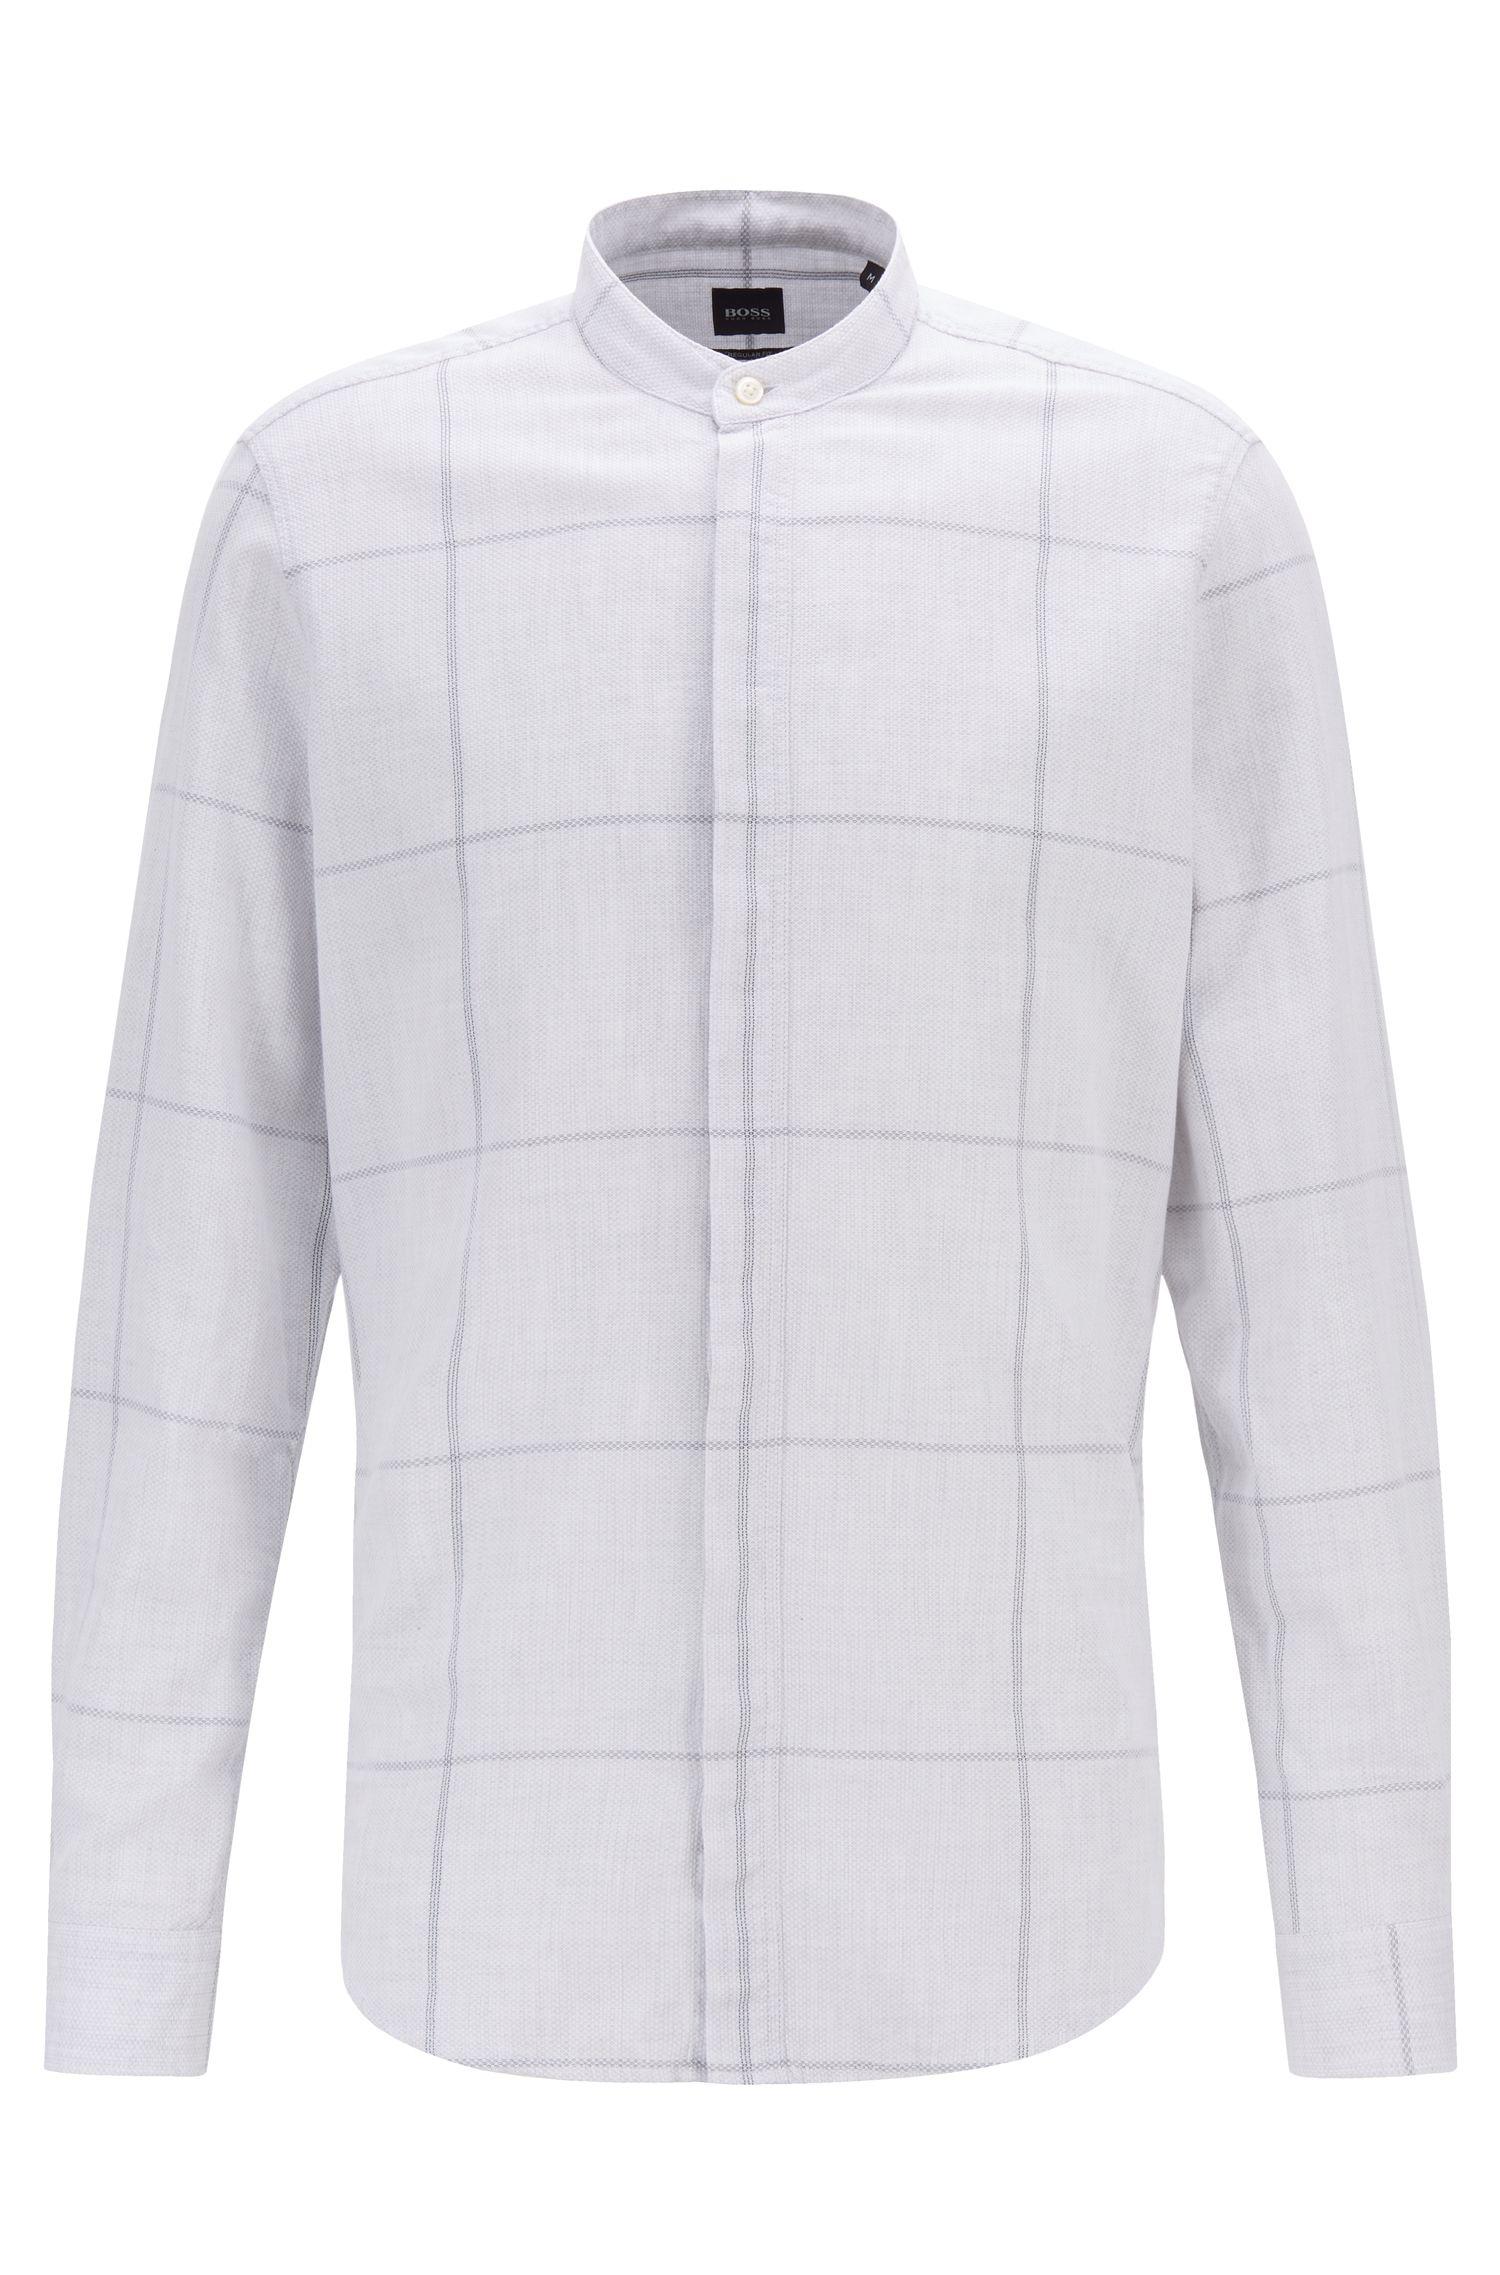 Regular-Fit Hemd aus groß kariertem Piqué mit Stehkragen, Weiß